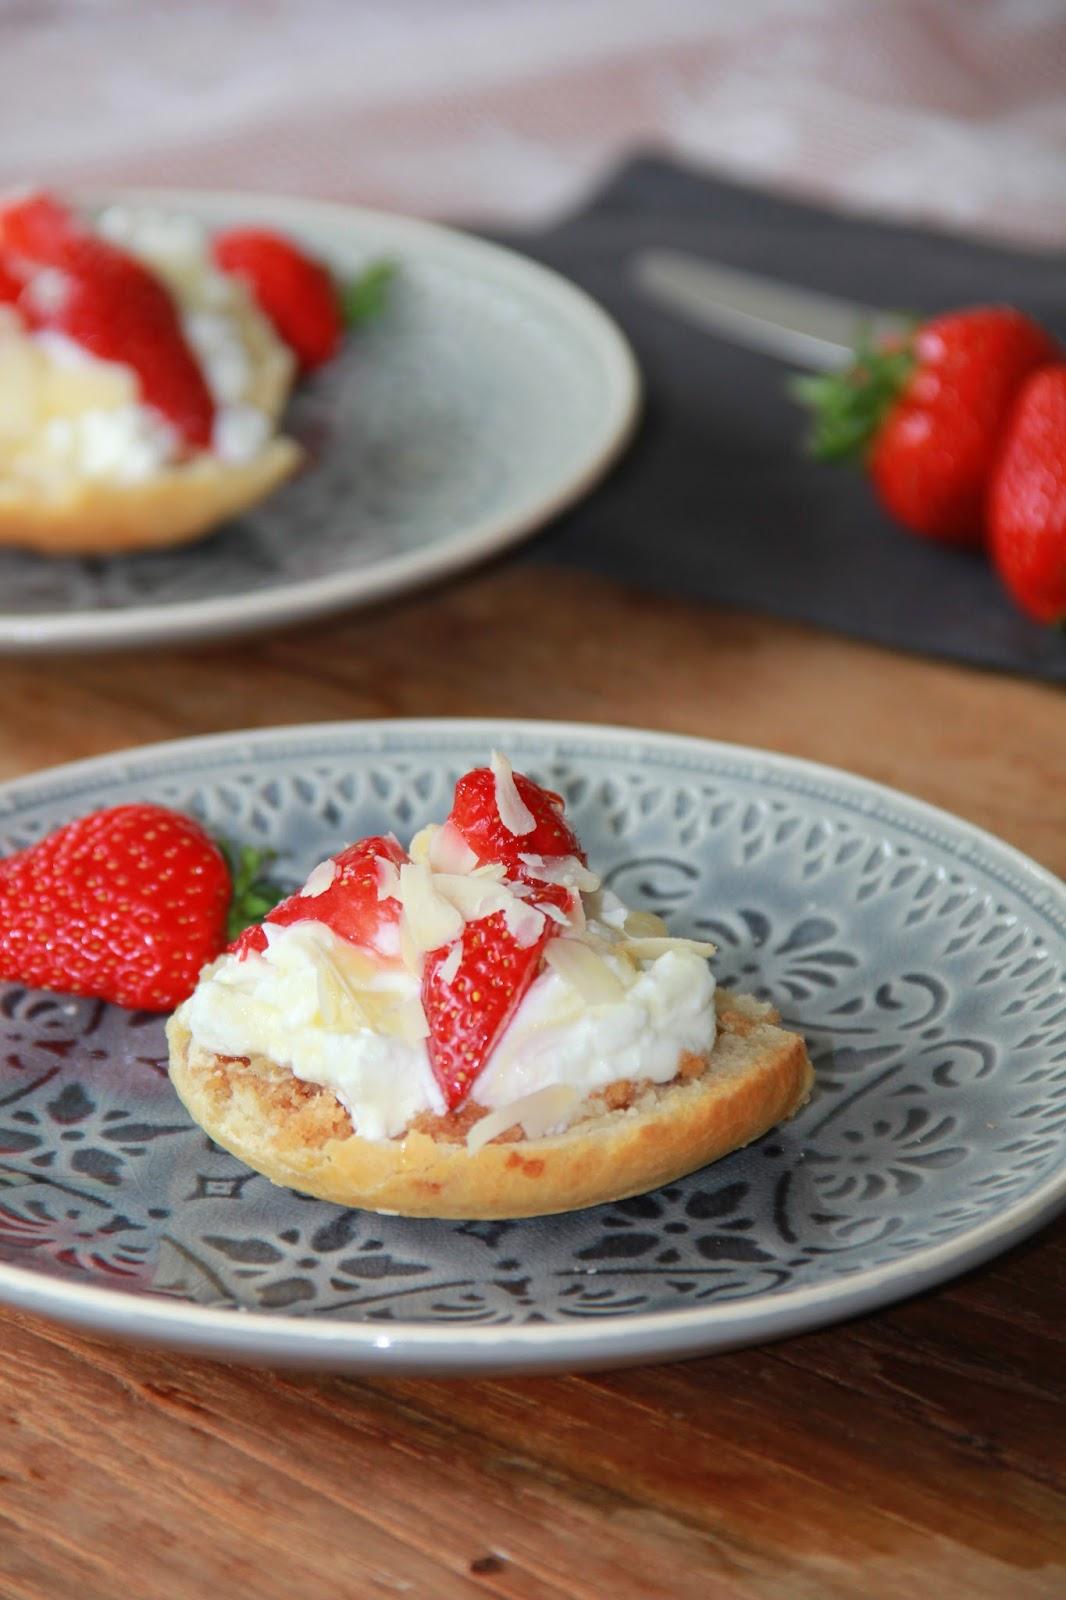 Paasstol met griekse yoghurt, aardbeien en amandelschaafsel - www.desmaakvancecile.com